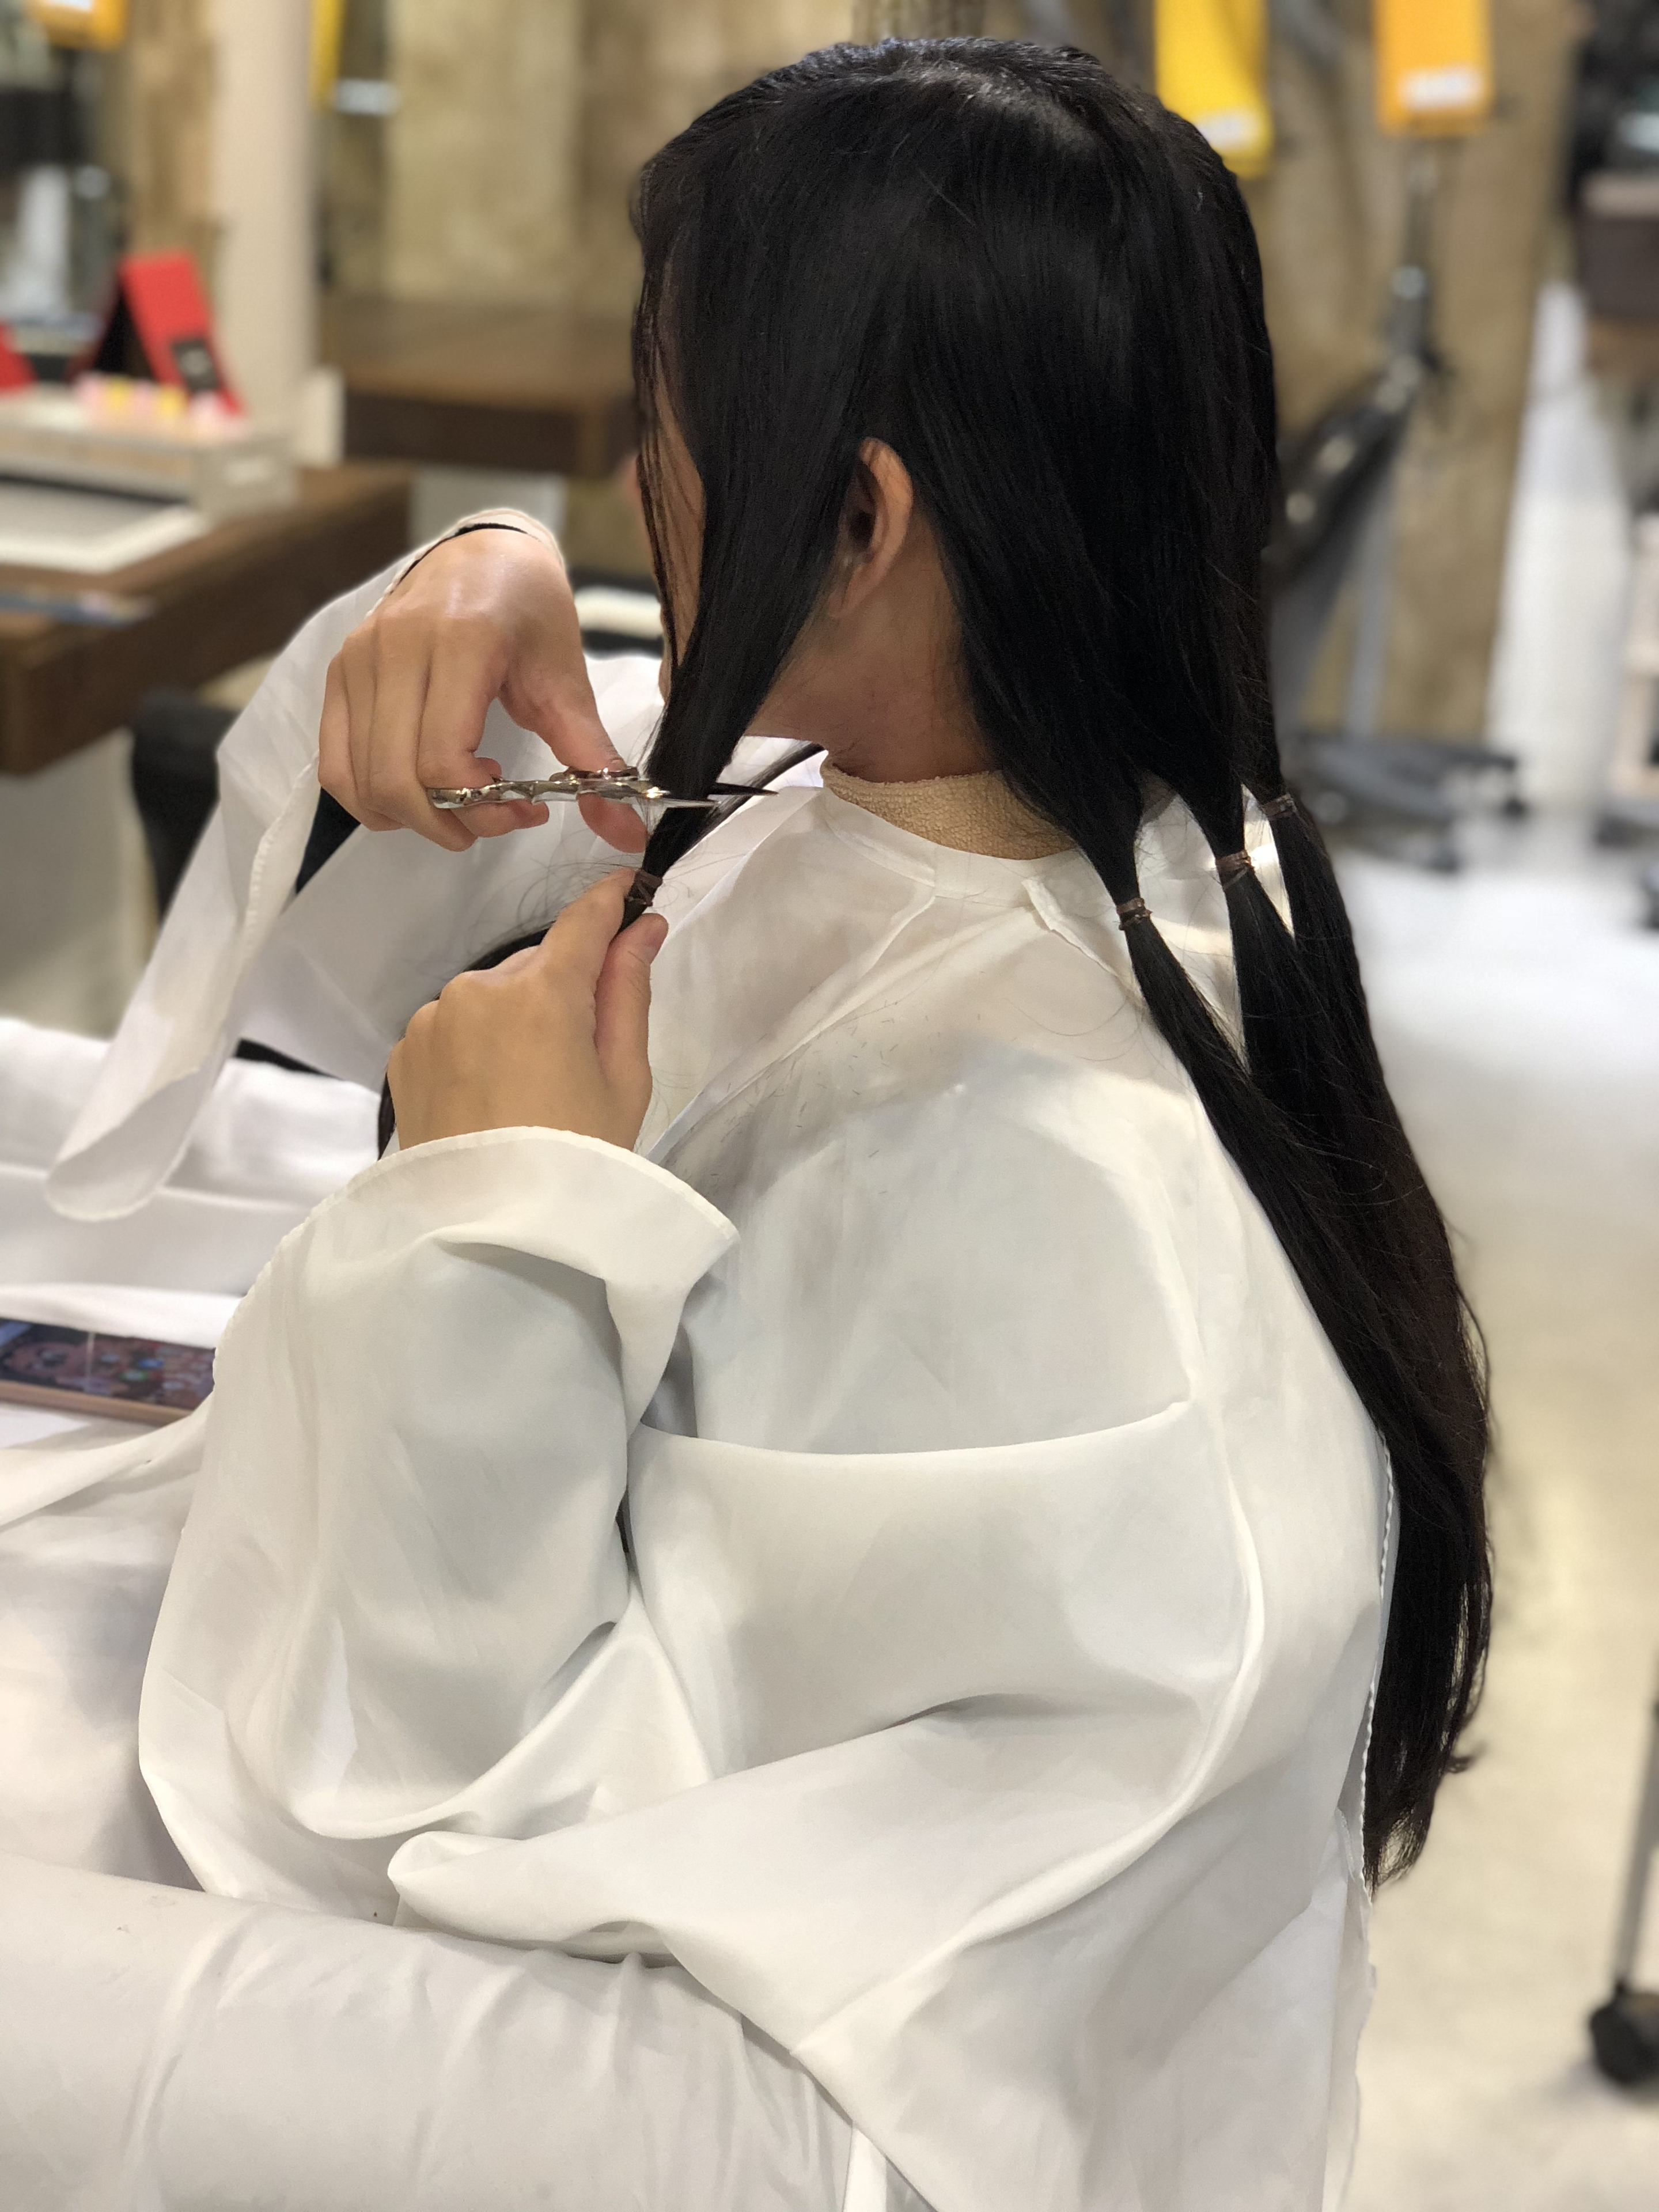 新宿歌舞伎町 美容室 セイヴィアン ヘアドネーションやっています! ご協力ください!